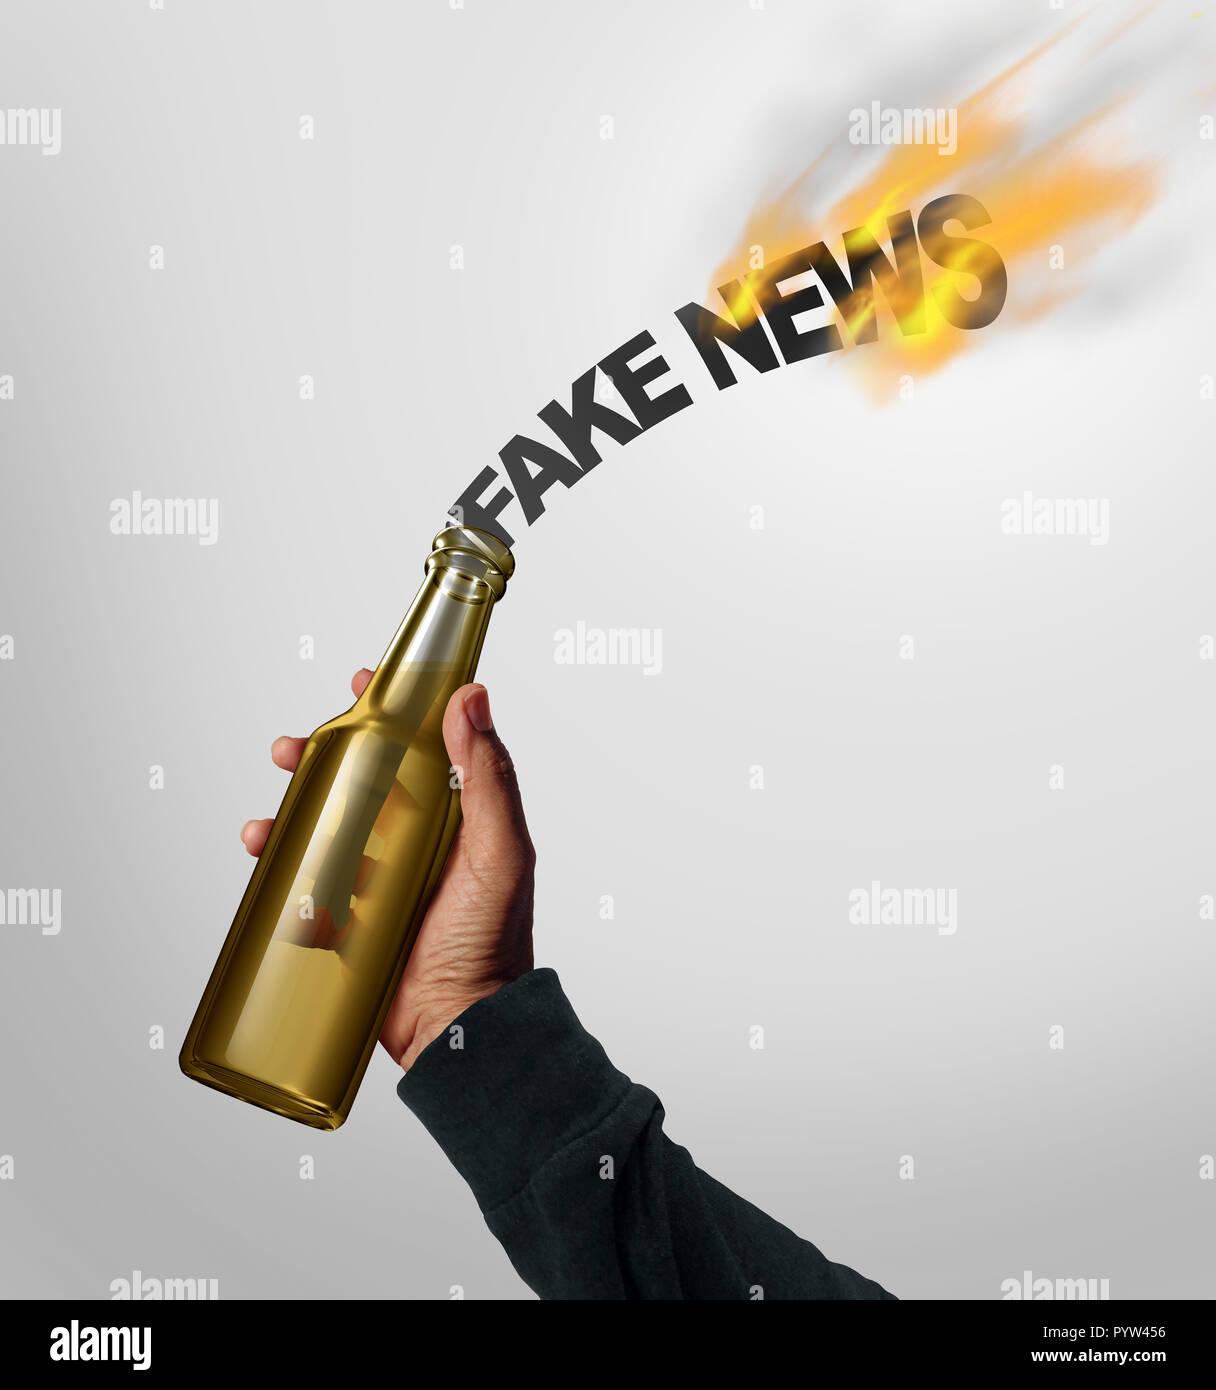 Fake news Concetto di pericolo e di hoax segnalazione giornalistica come una persona di gettare una molotov cocktail a forma di testo come falsa media reporting. Immagini Stock